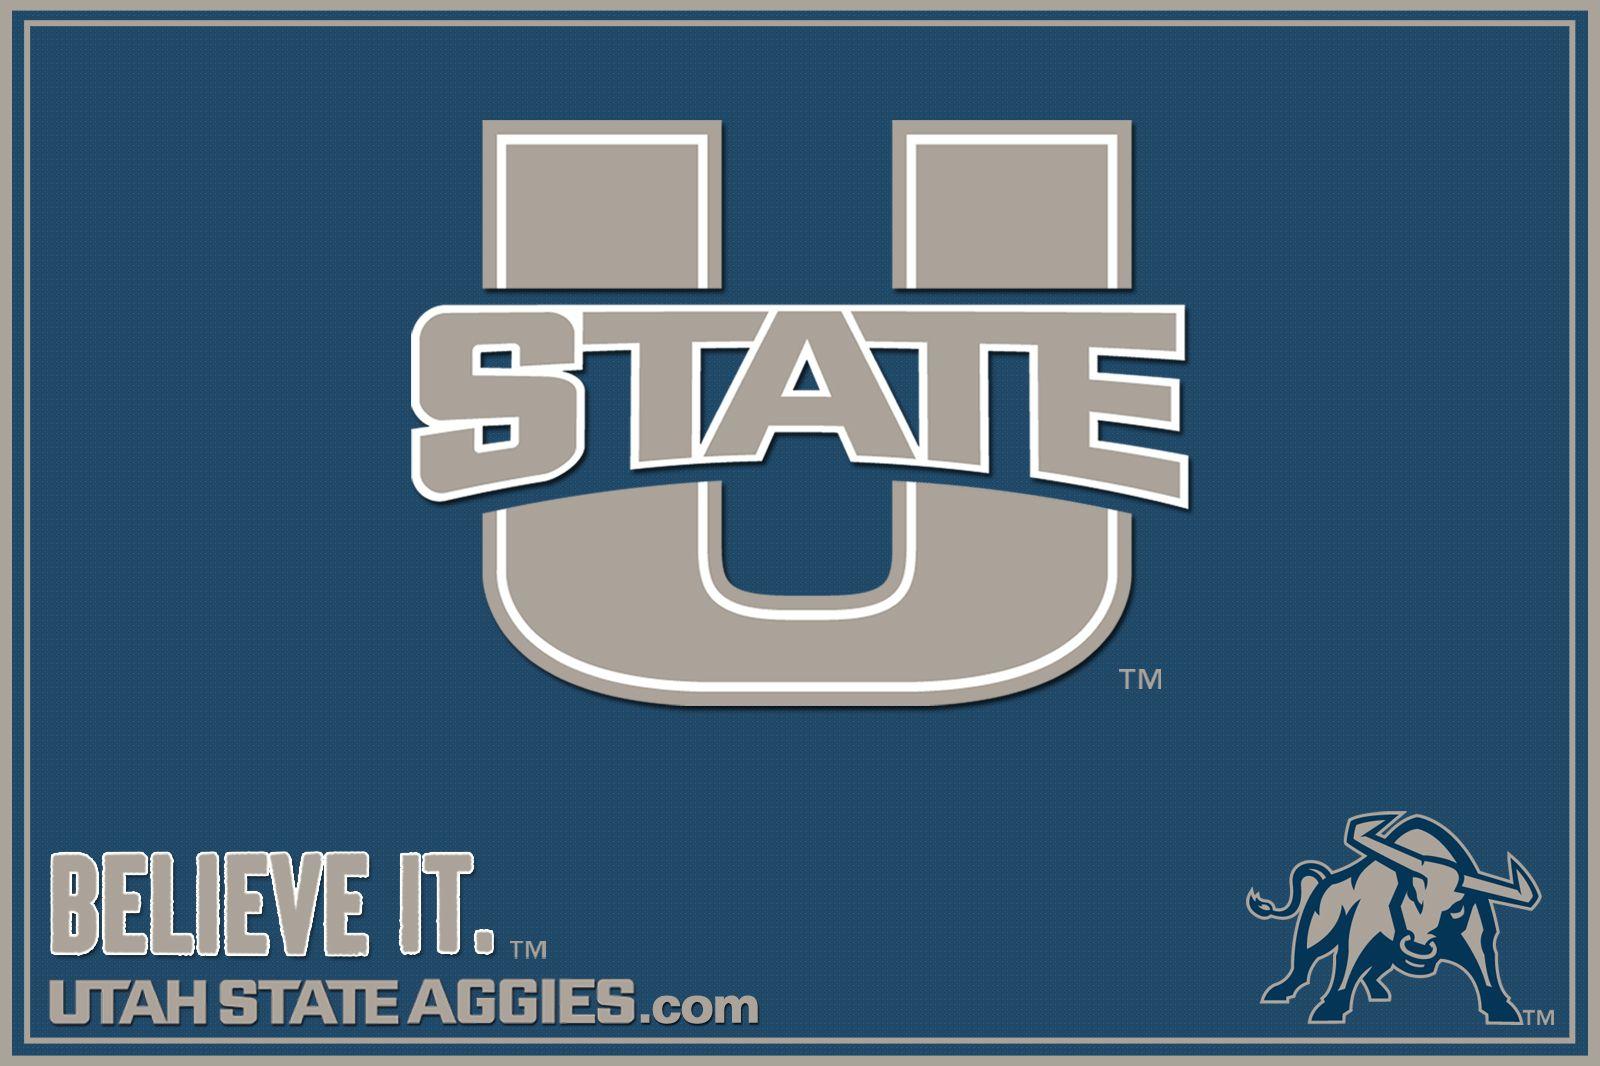 Utah State Aggies Wallpaper 1 Utah State Aggies Aggies Utah